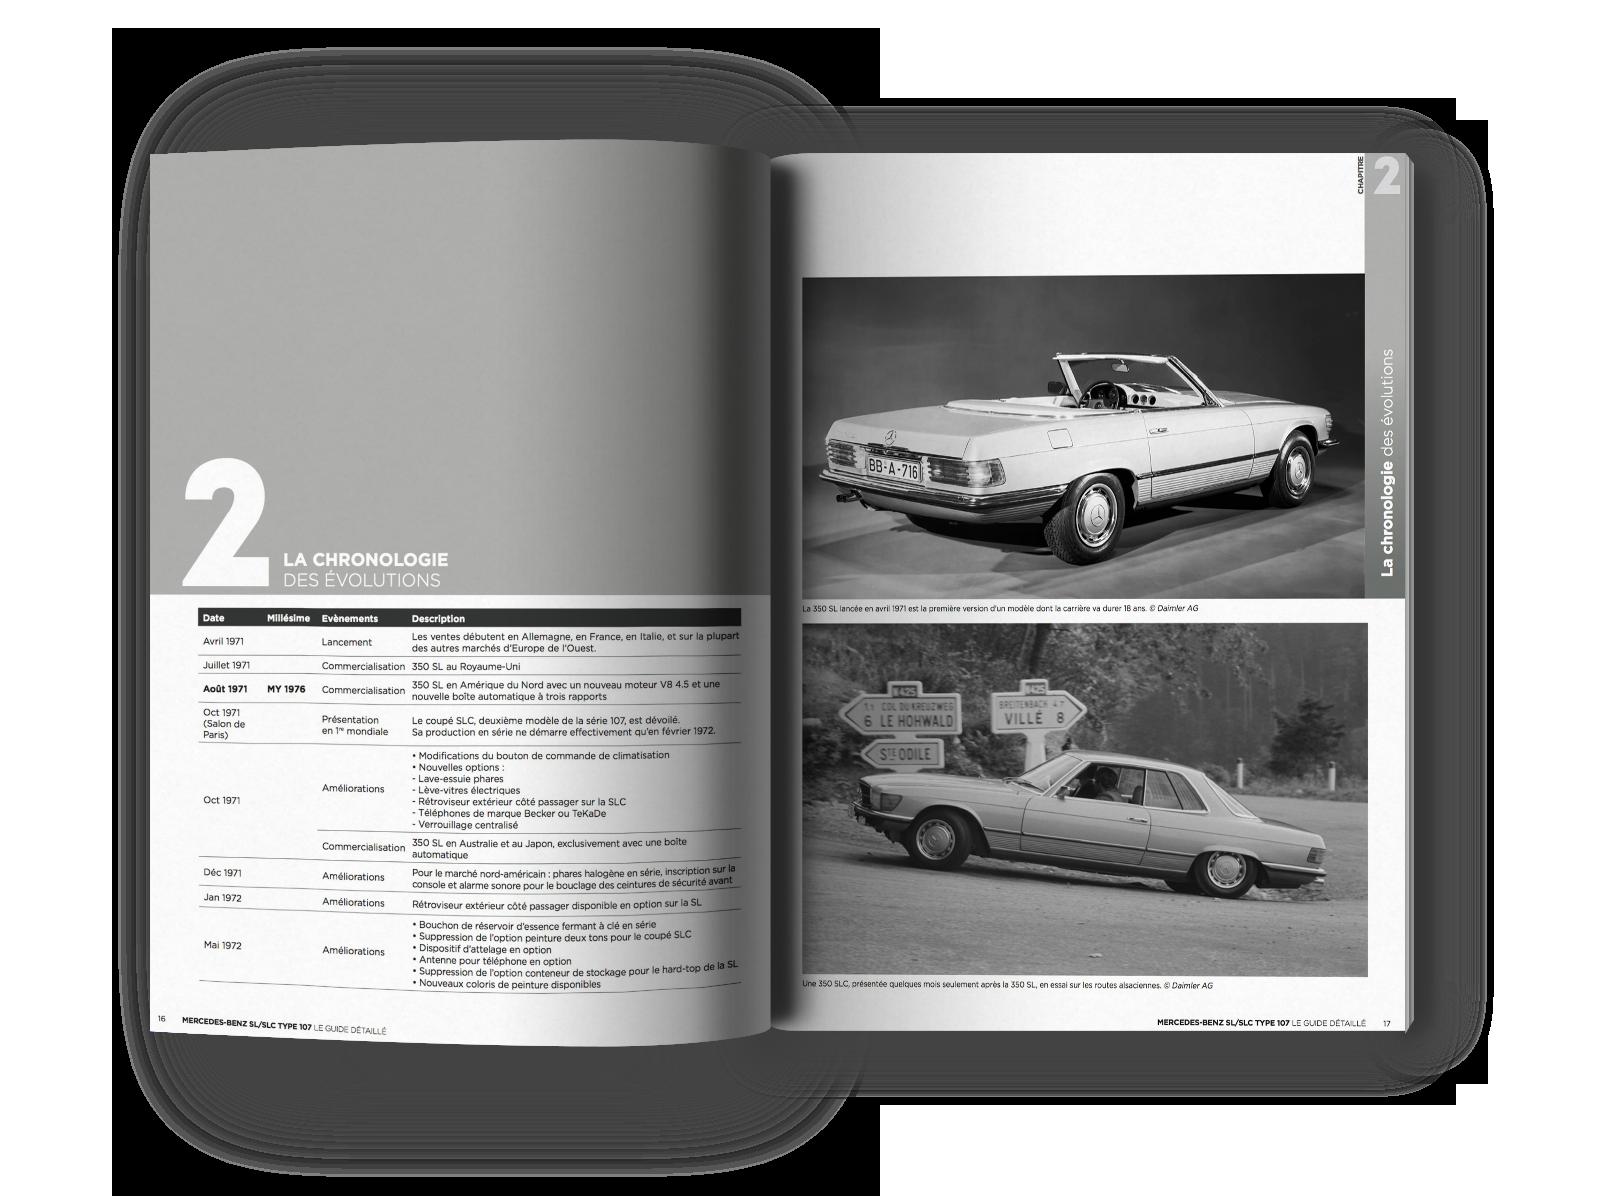 Extrait du Guide de la Mercedes SL / SLC type 107 chapitre 2